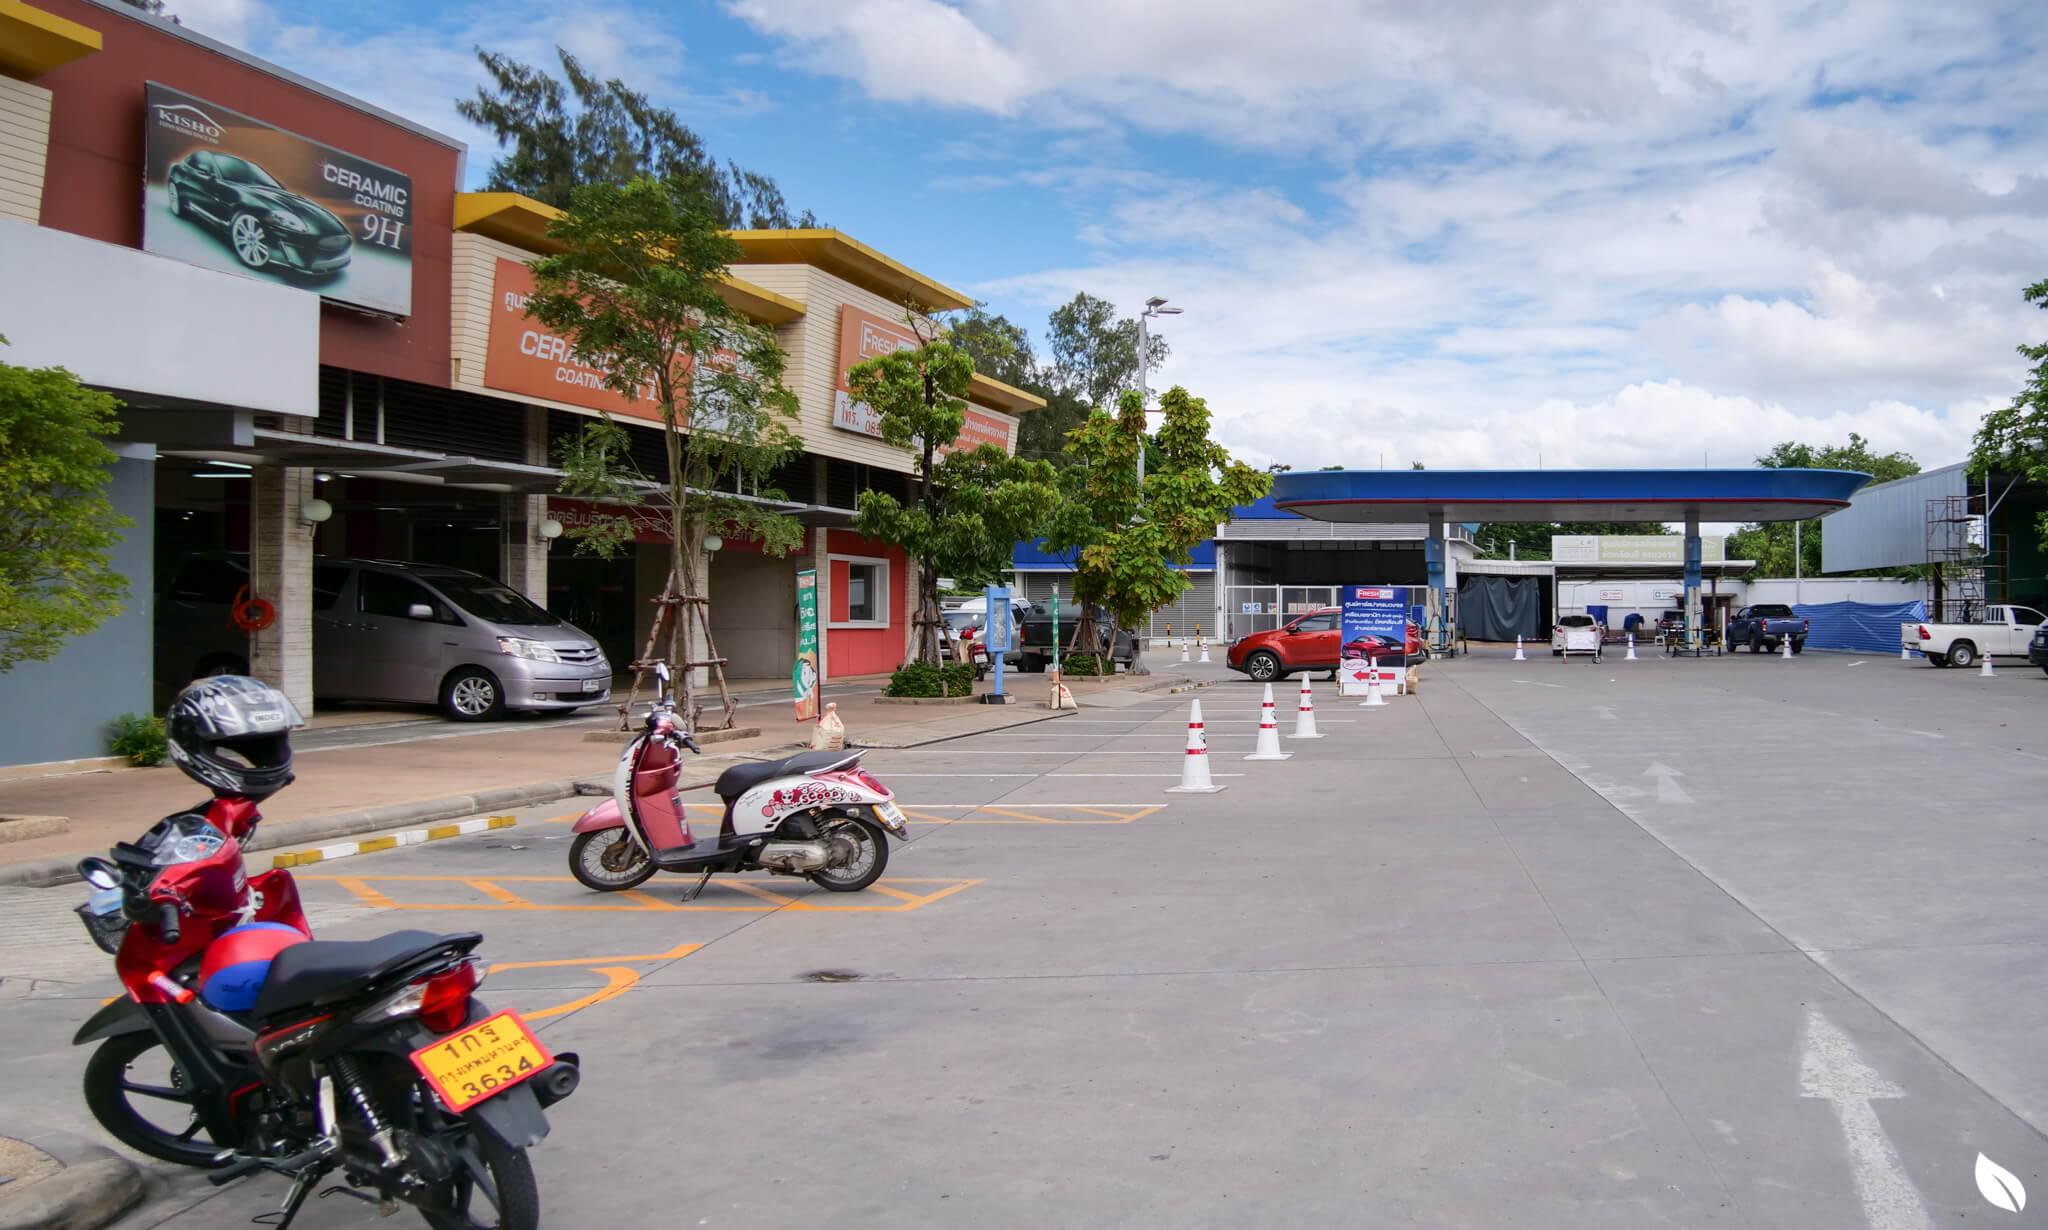 """""""ลาดพร้าว"""" มองหาบ้านสังคมดี ในงบสบาย ลองรู้จักทำเล """"เสรีไทย 38"""" กันก่อน 30 - AP (Thailand) - เอพี (ไทยแลนด์)"""